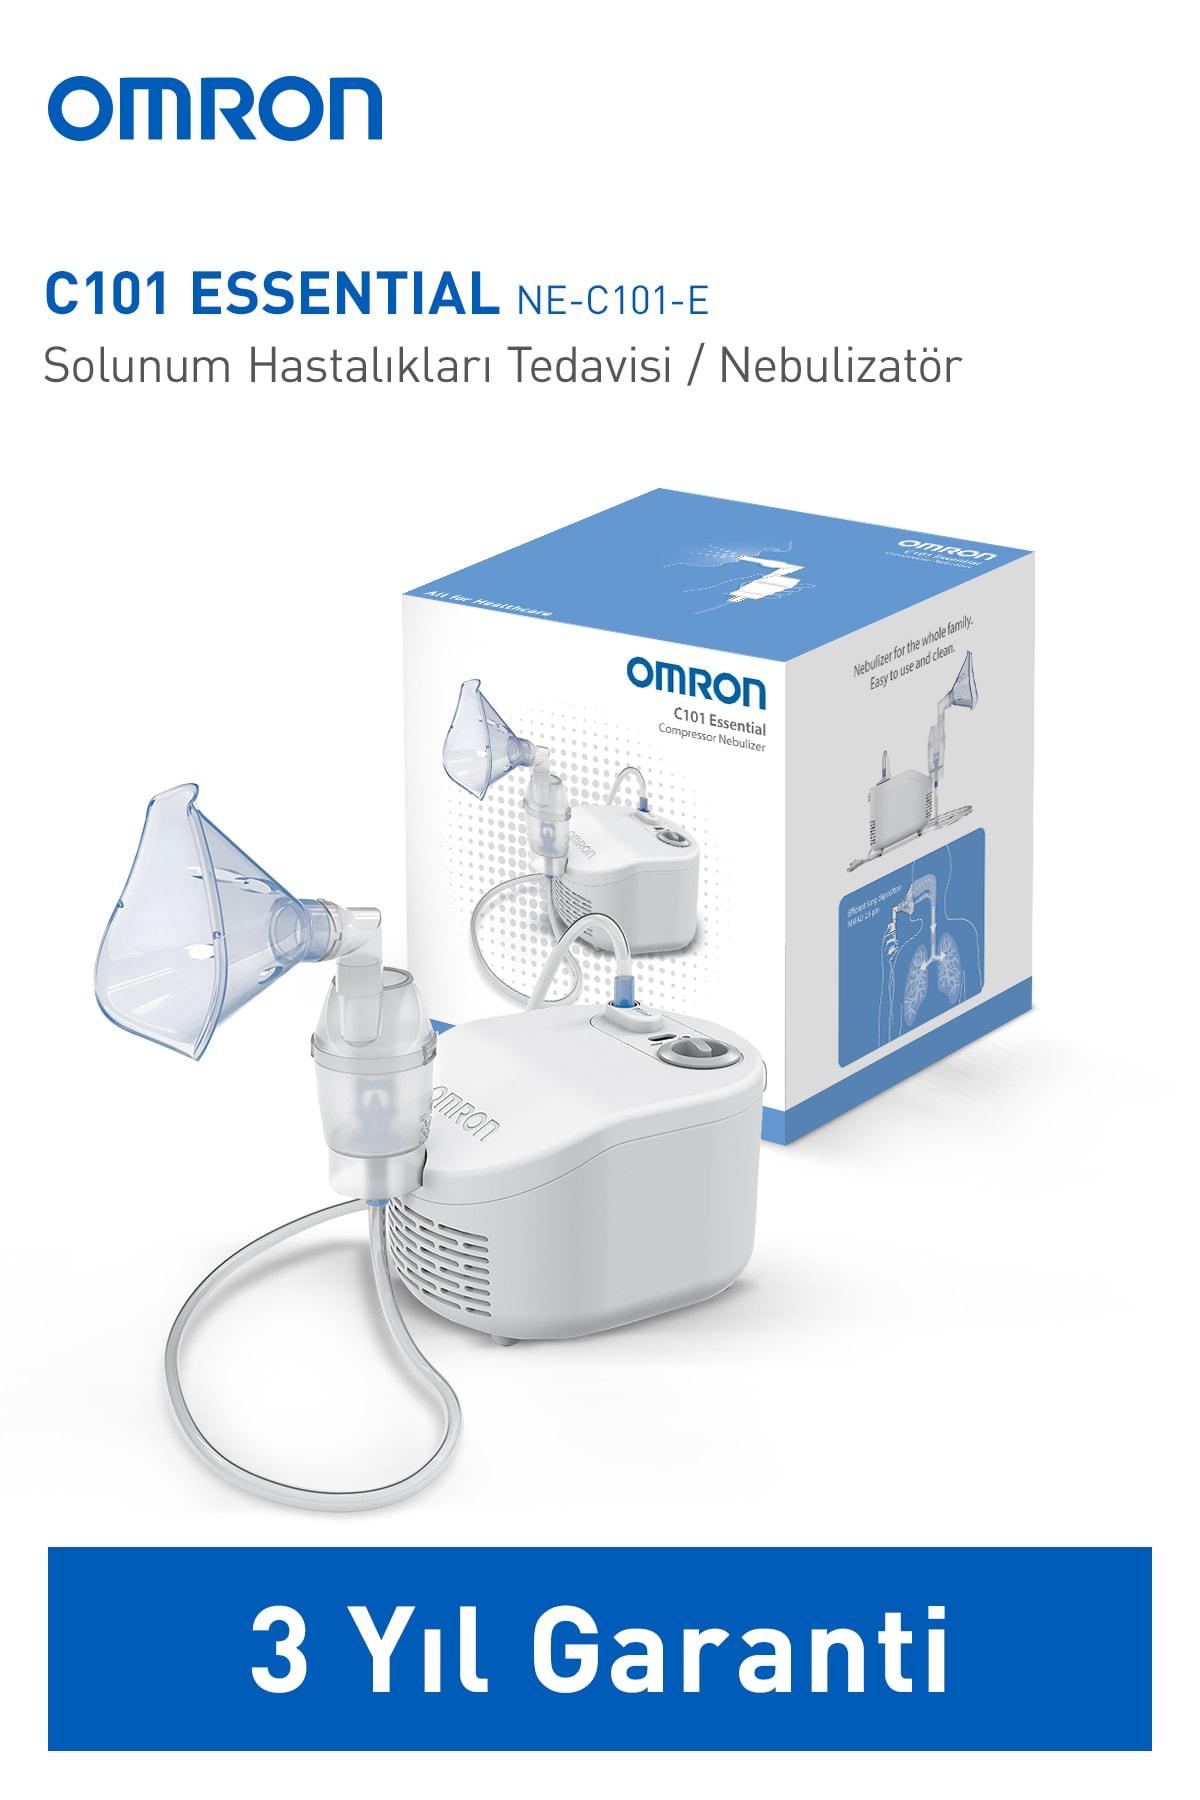 Omron Kompresörlü Nebulizatör Ne-c101 1